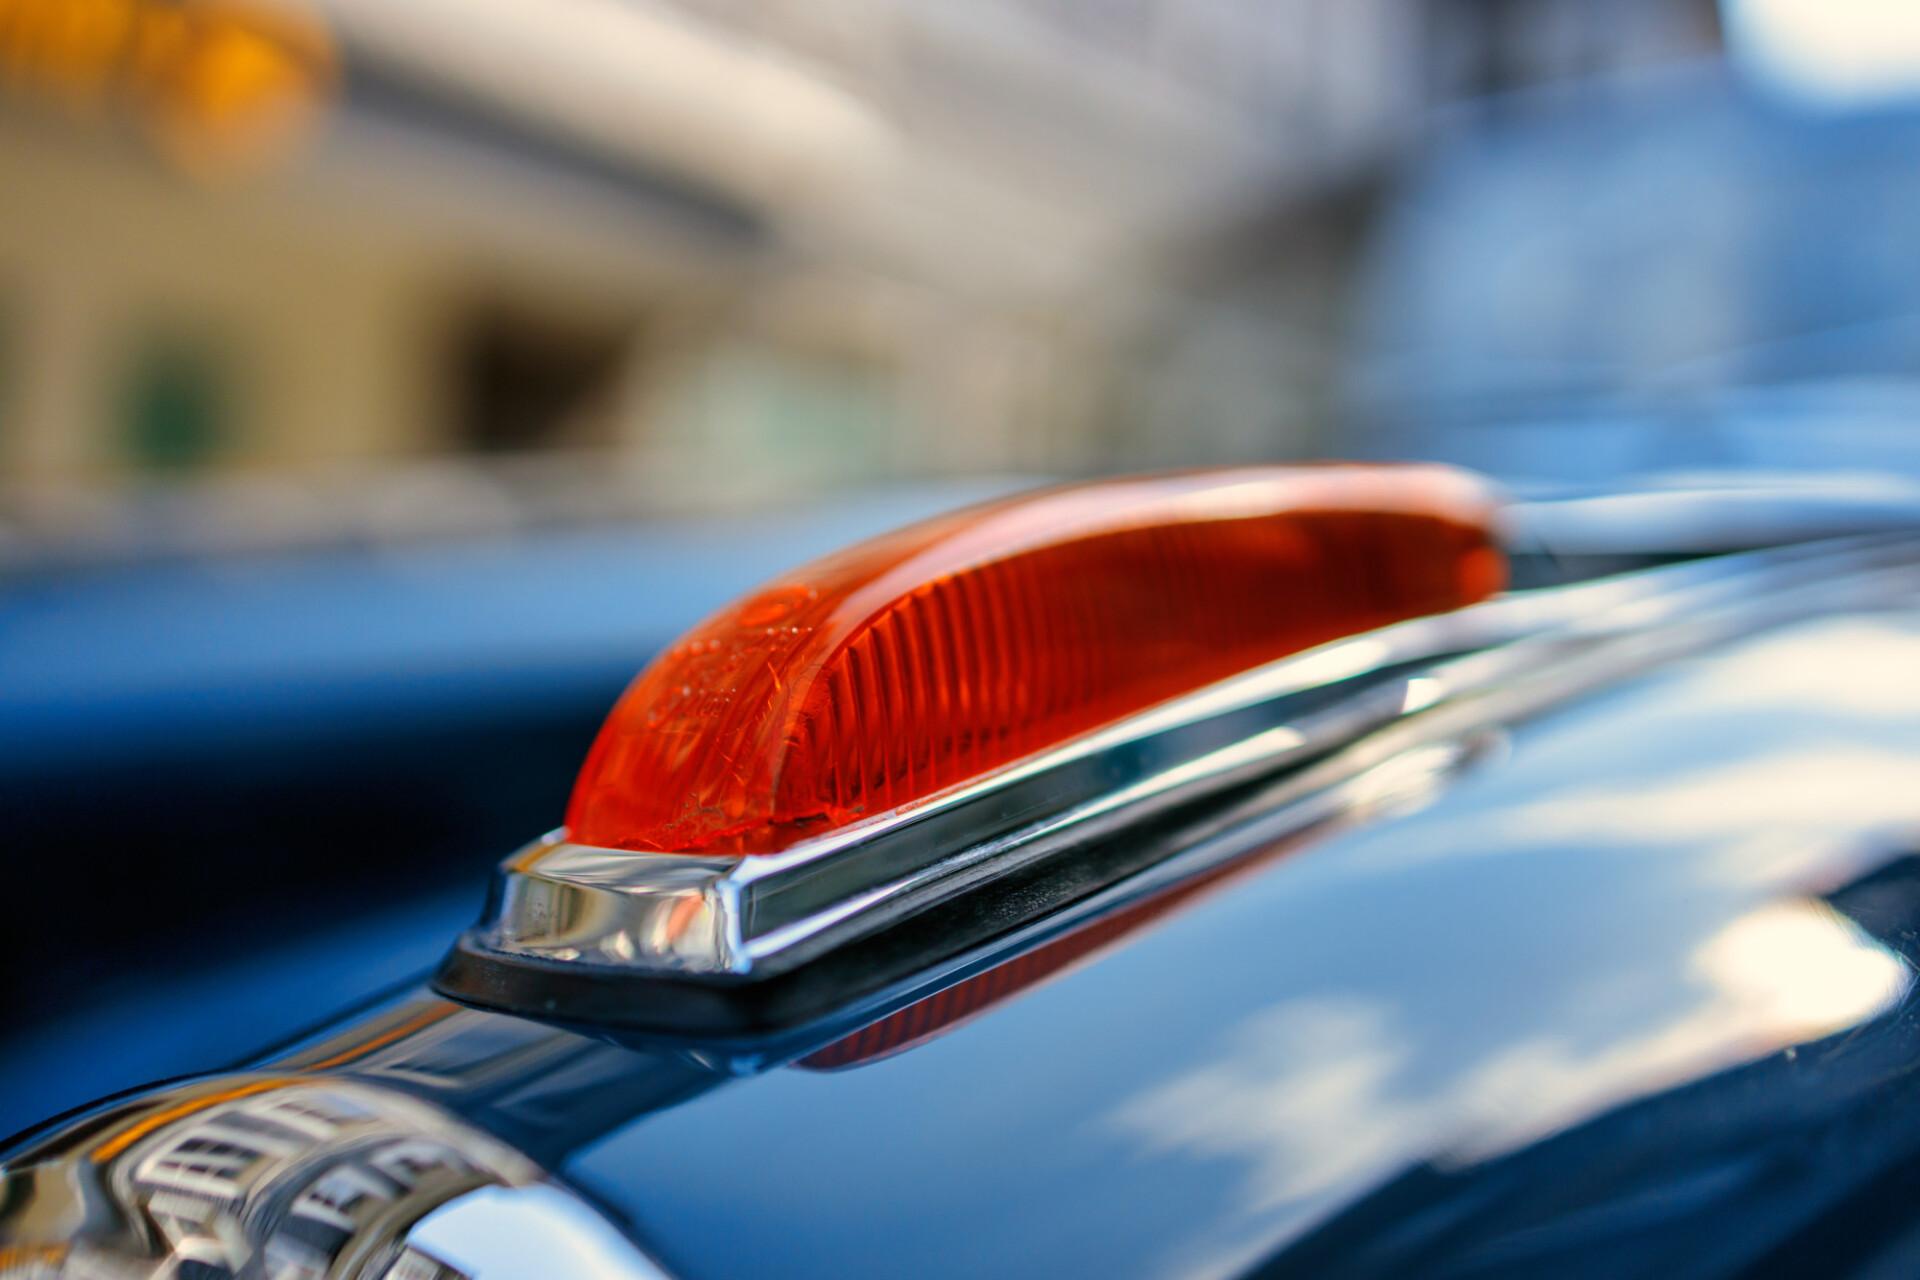 Vintage Car Front Light